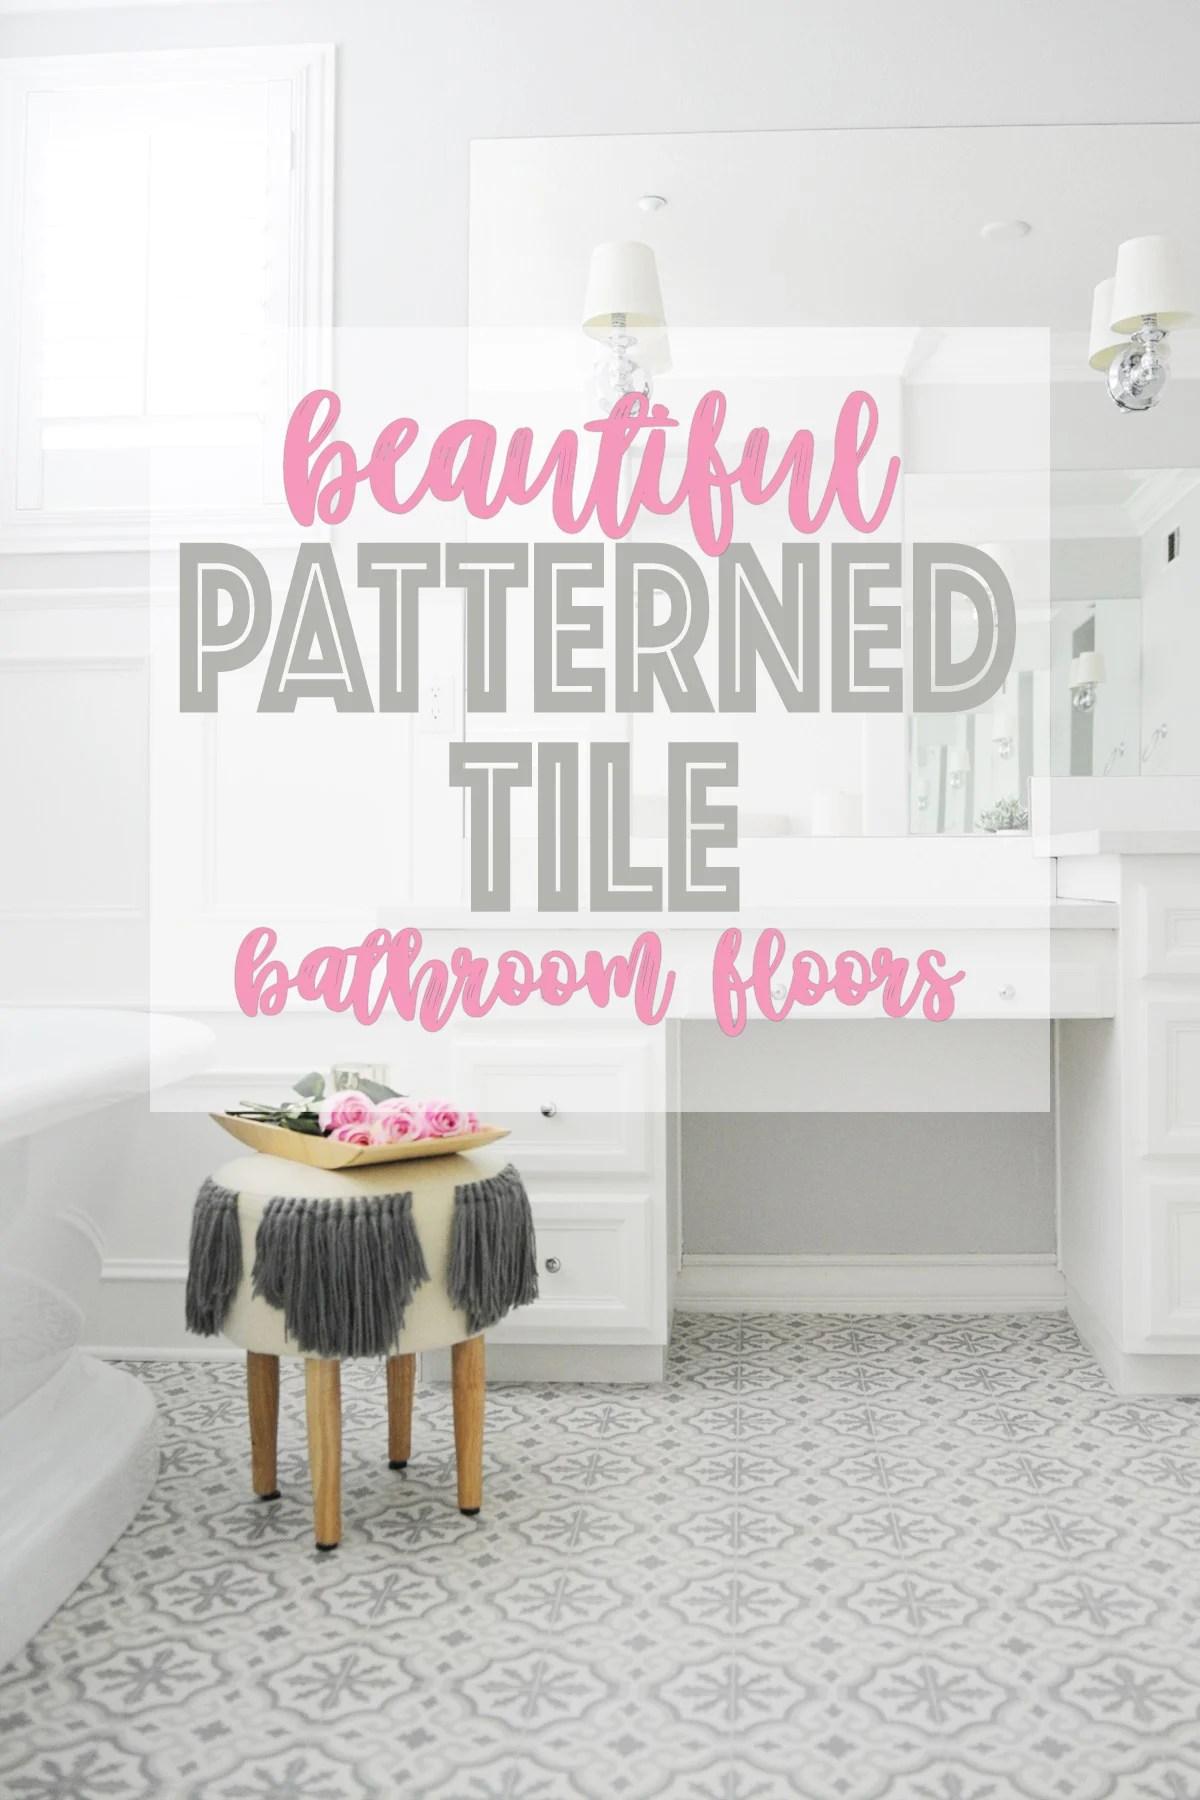 Beautiful patterned tile bathroom floors